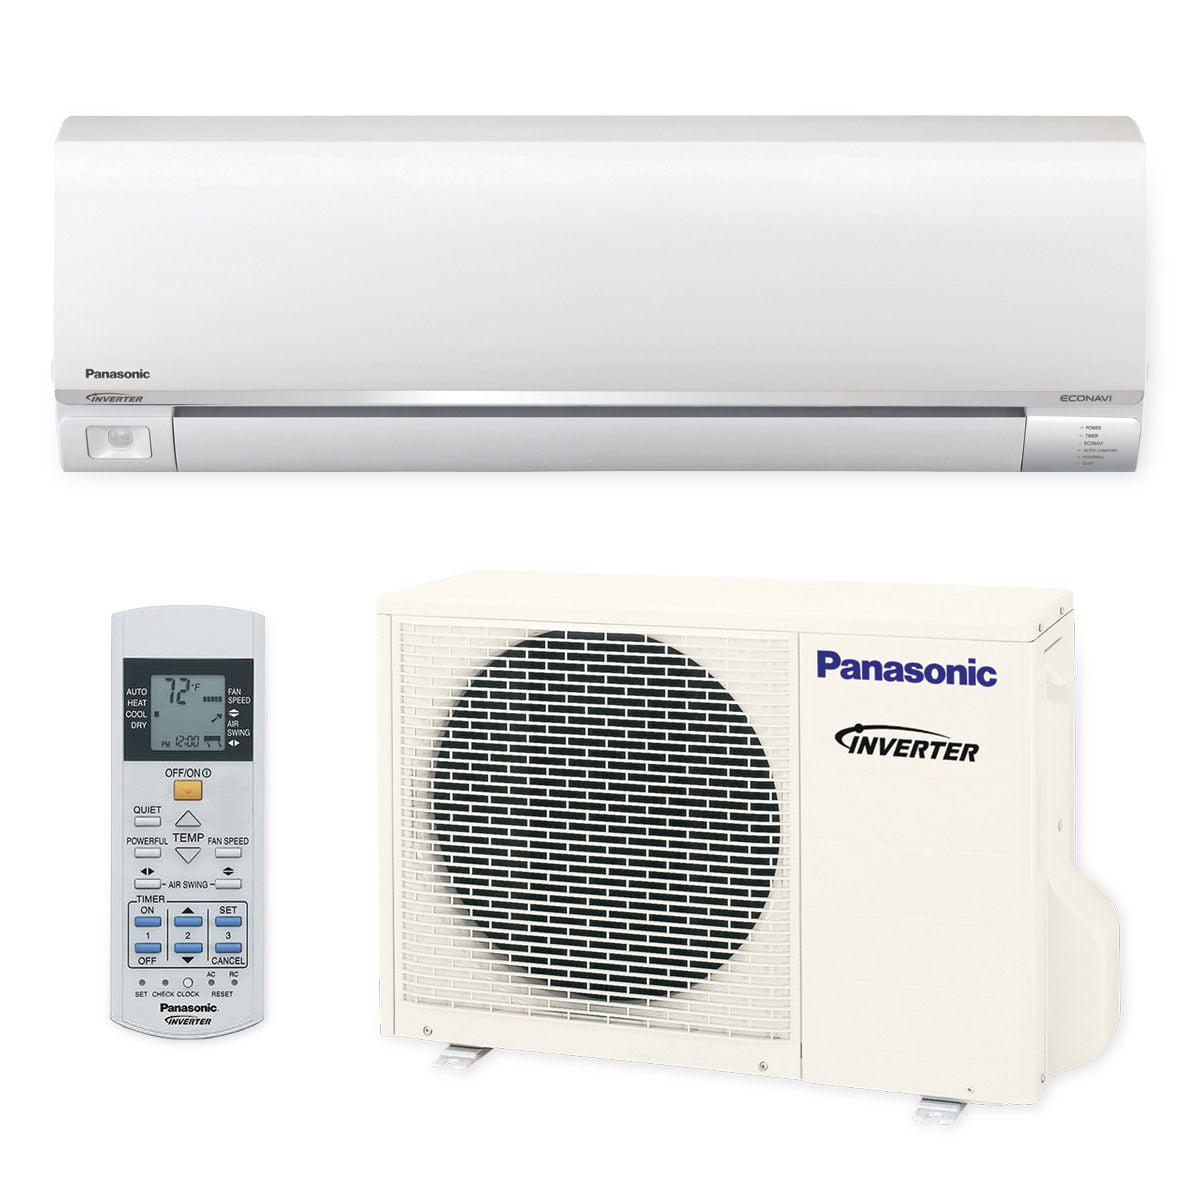 Panasonic® E12RKUA - 12,000 BTU 22 5 SEER EXTERIOS E Wall